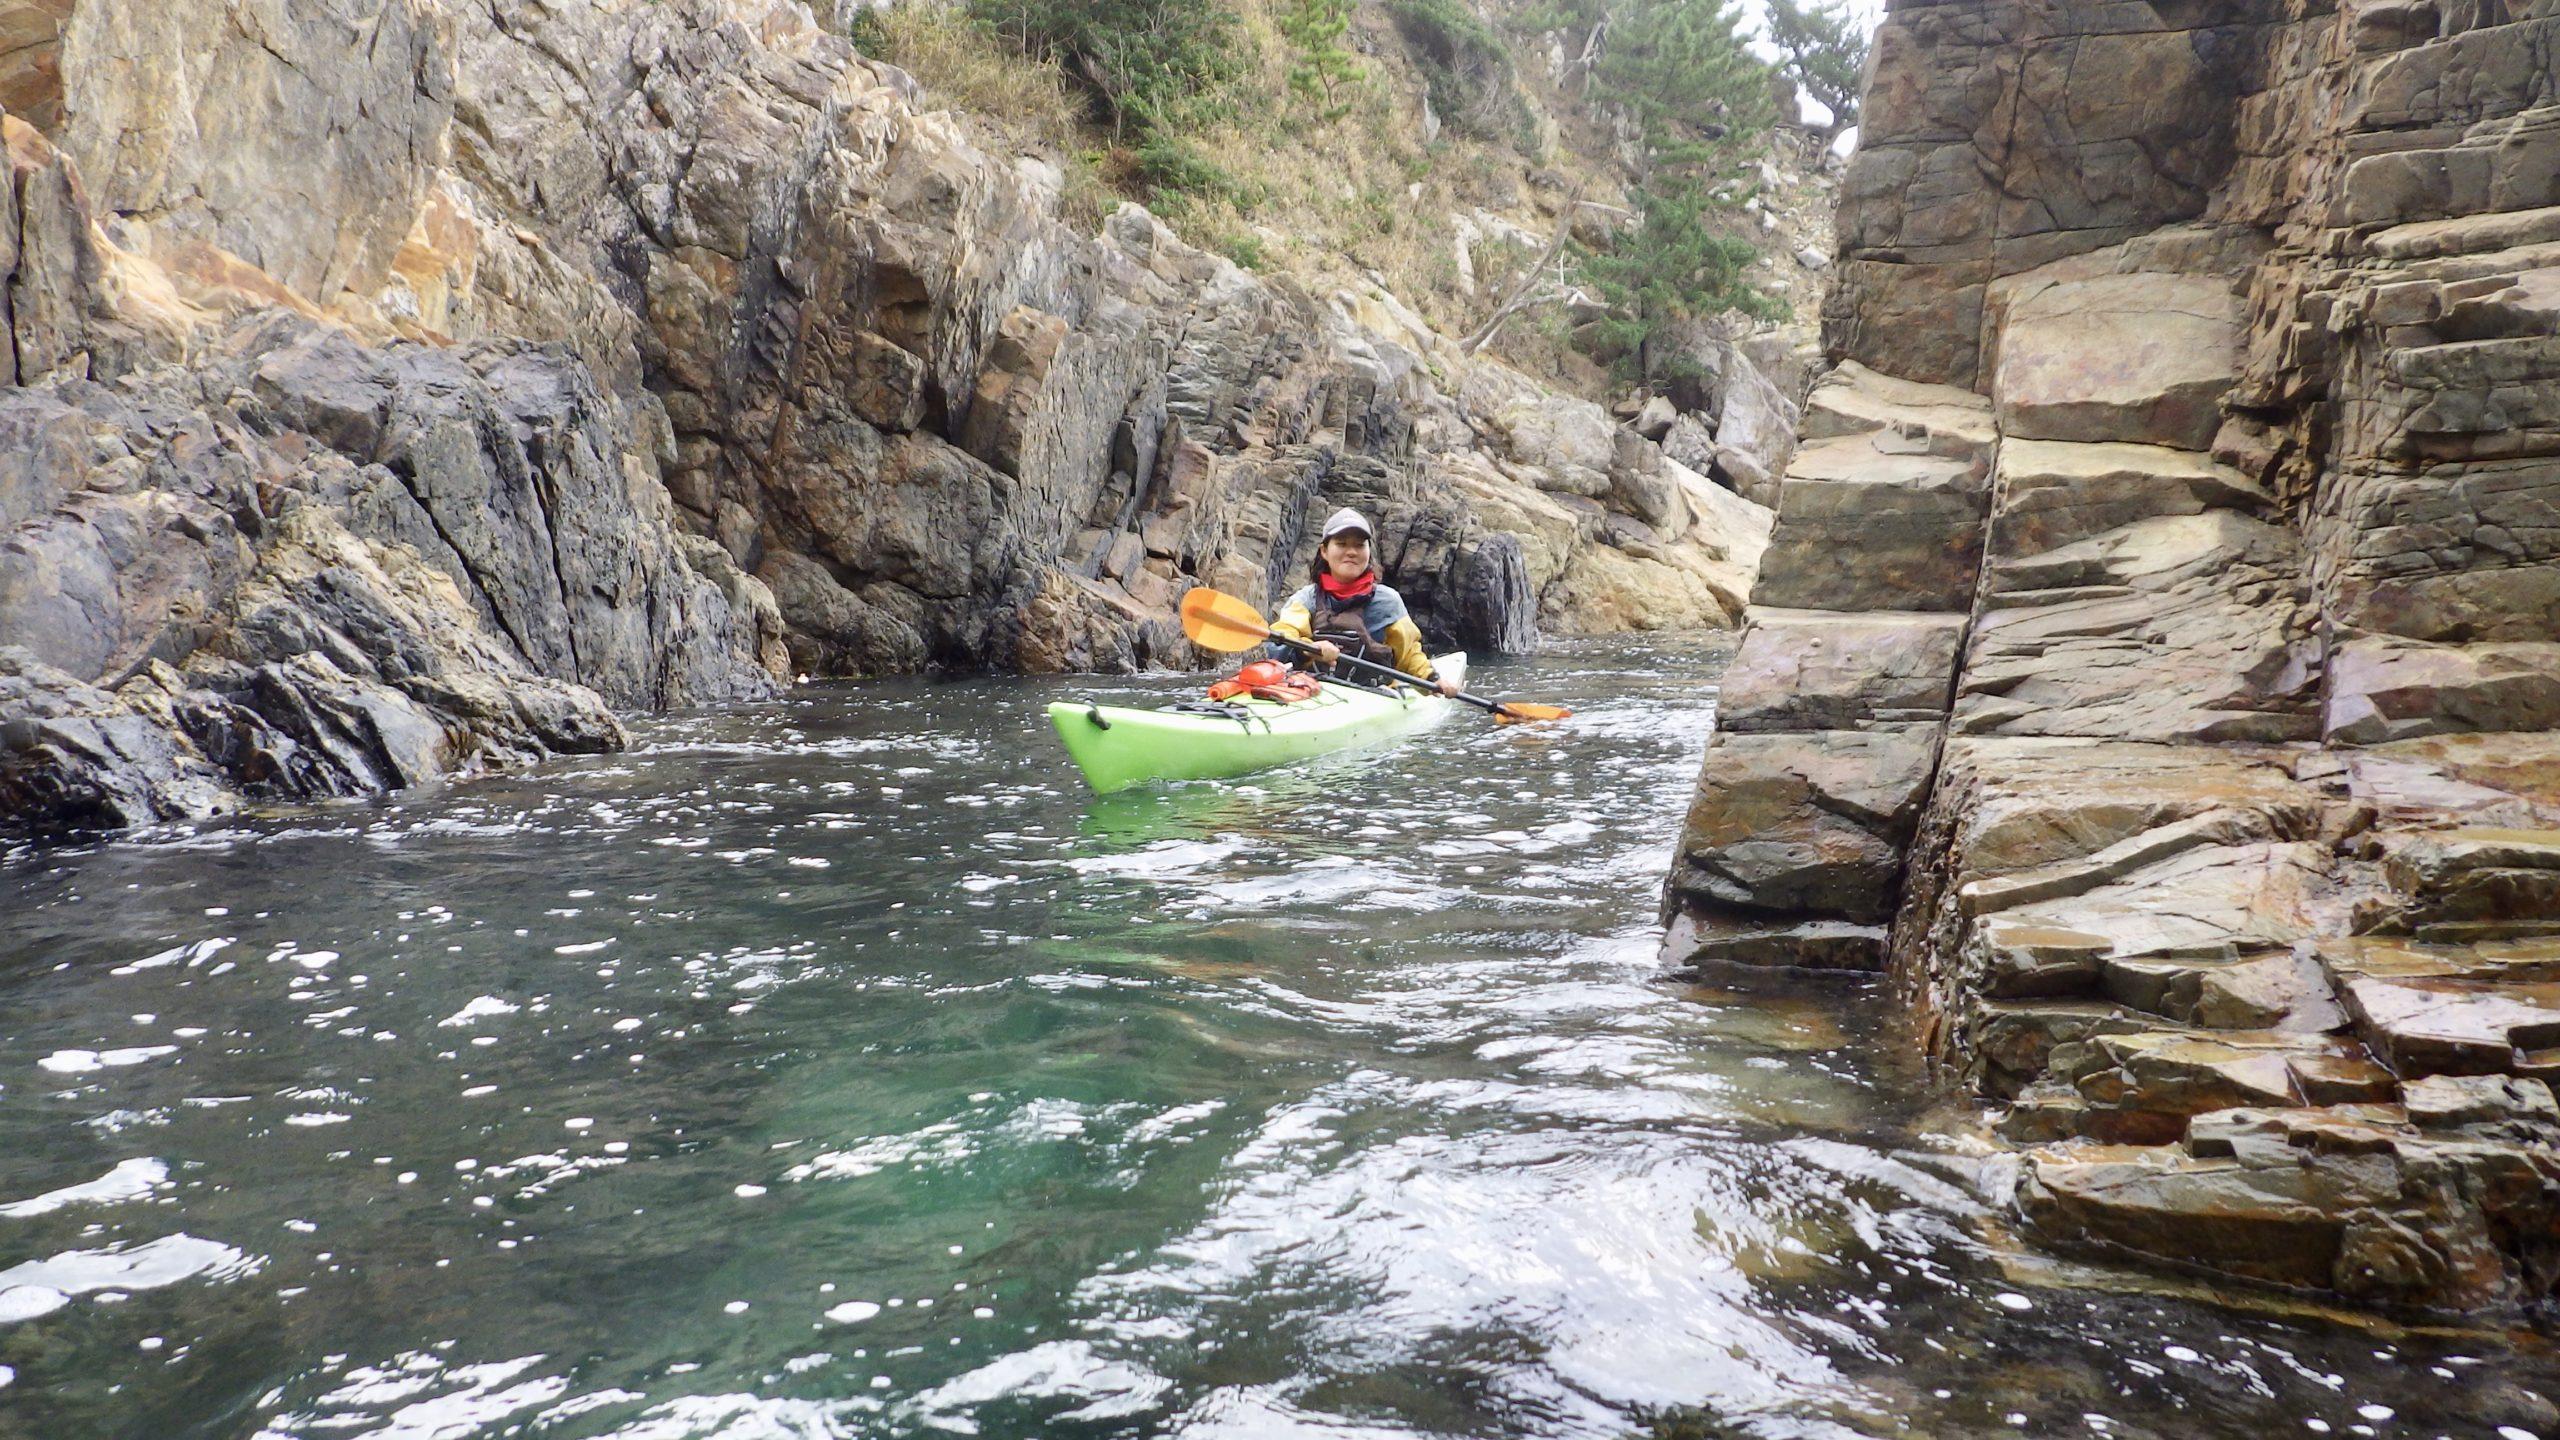 プライベートツーリング|岩場で漕ぎ漕ぎ